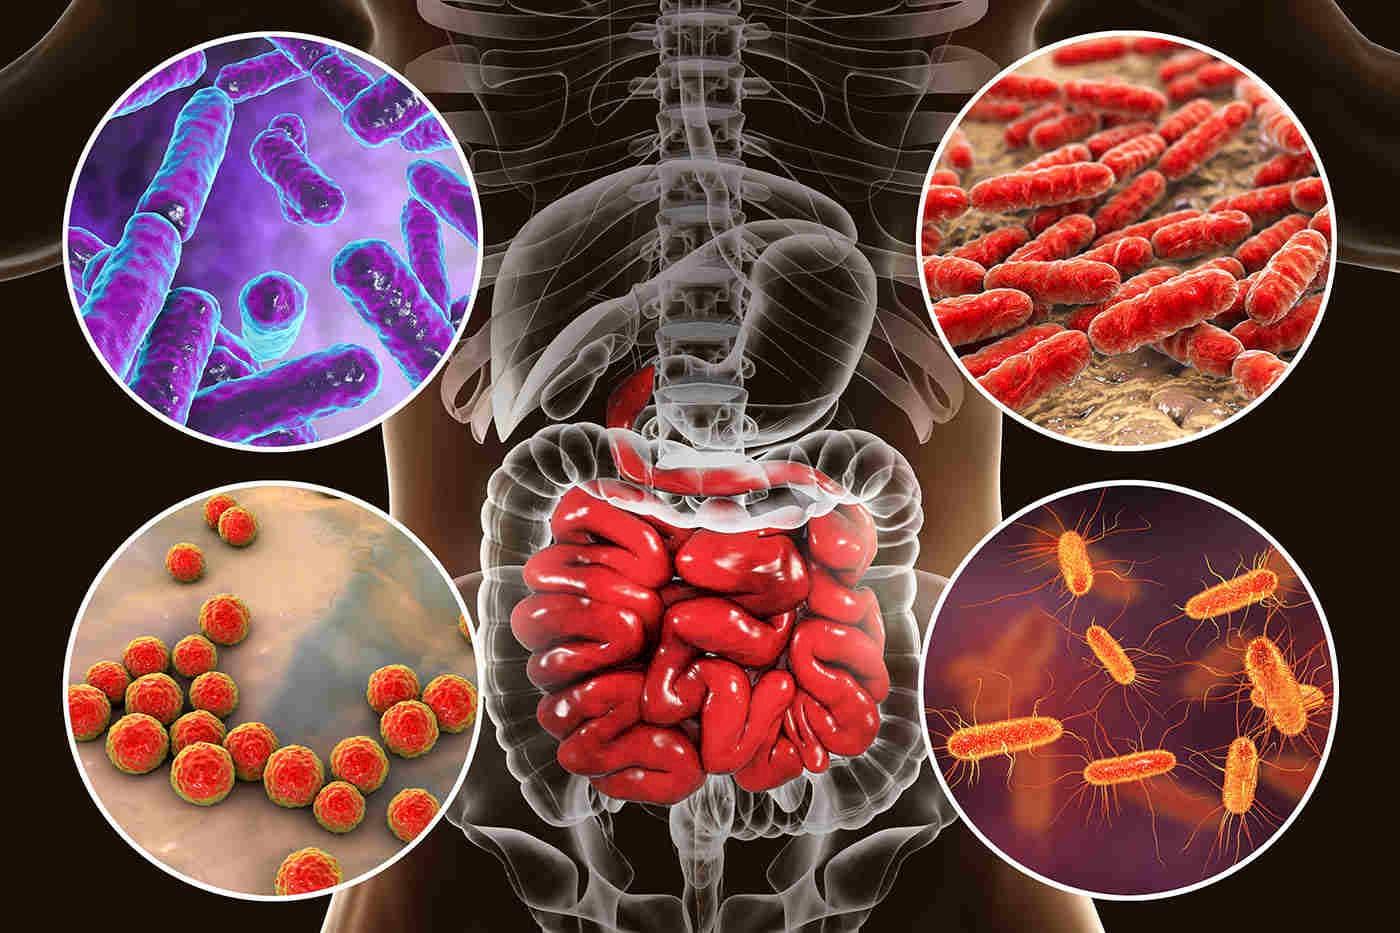 Riscul de diabet, preconizat de o bacterie din intestine? [studiu]